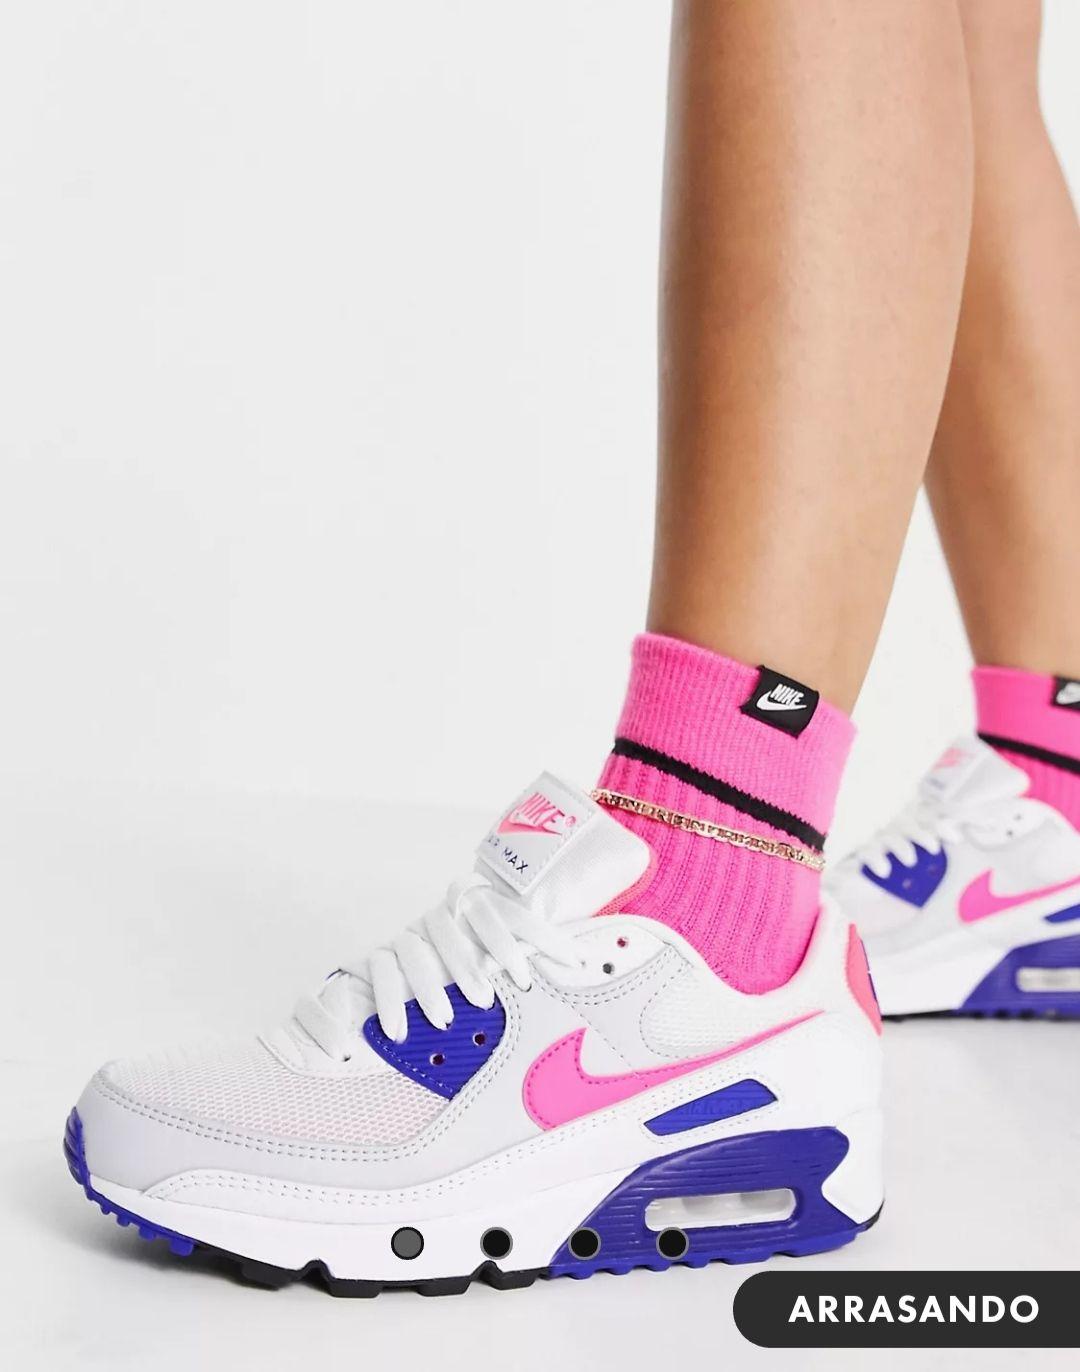 Zapatillas Air Max 90 de Nike